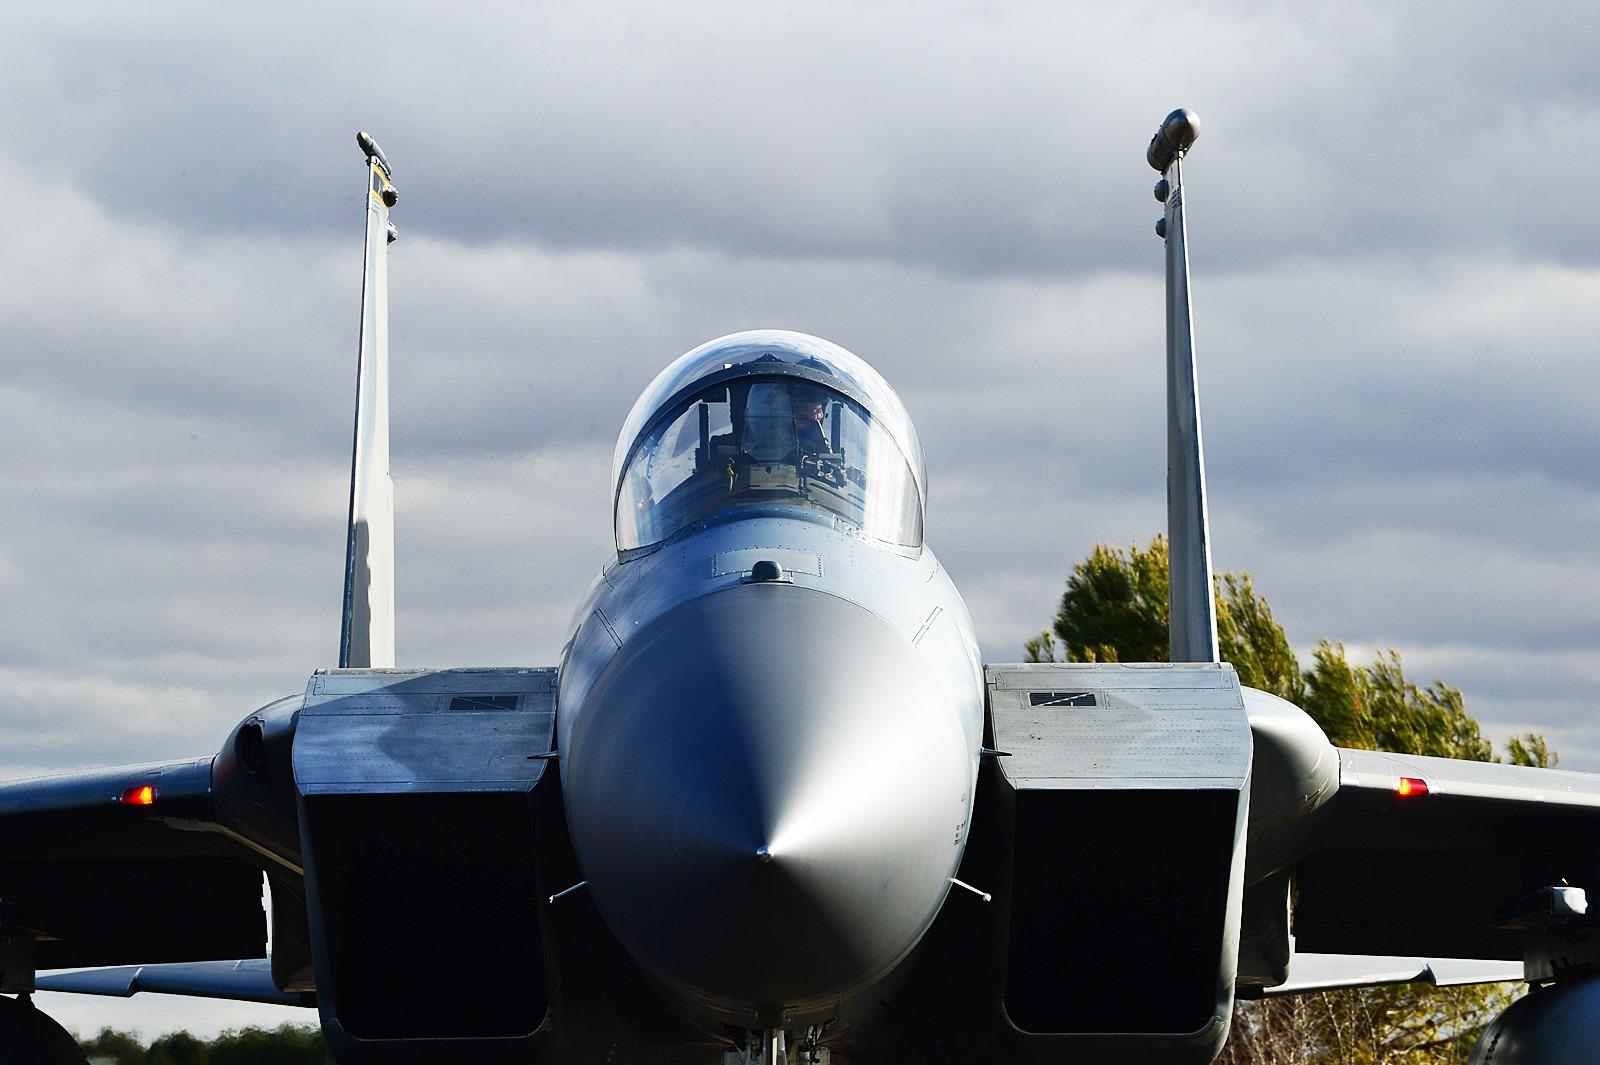 스페인에서 실시한 다국적 공군 합동 TLP 2014 훈련